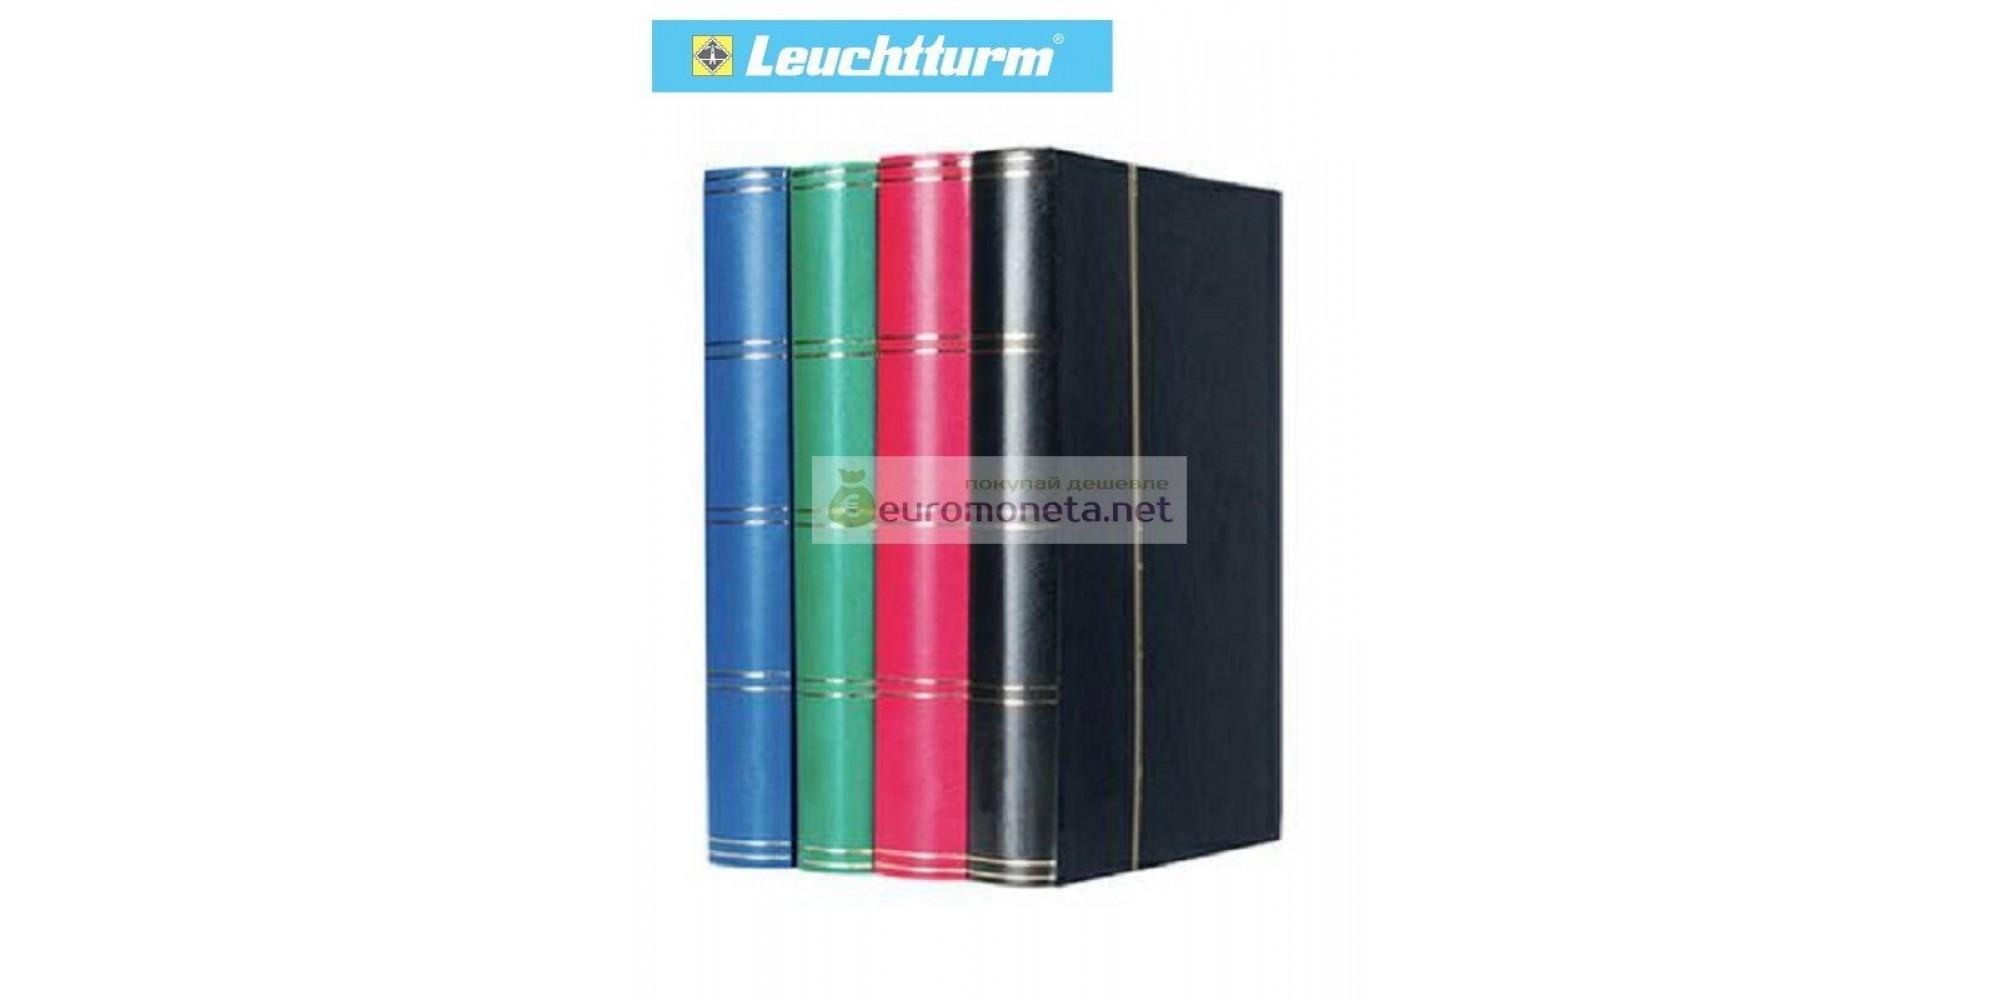 Leuchtturm альбом для марок BASIC DIN A4 30 листов (60 страниц) из чёрного картона с промежуточными листами из пергамина, жёсткая обложка, чёрный